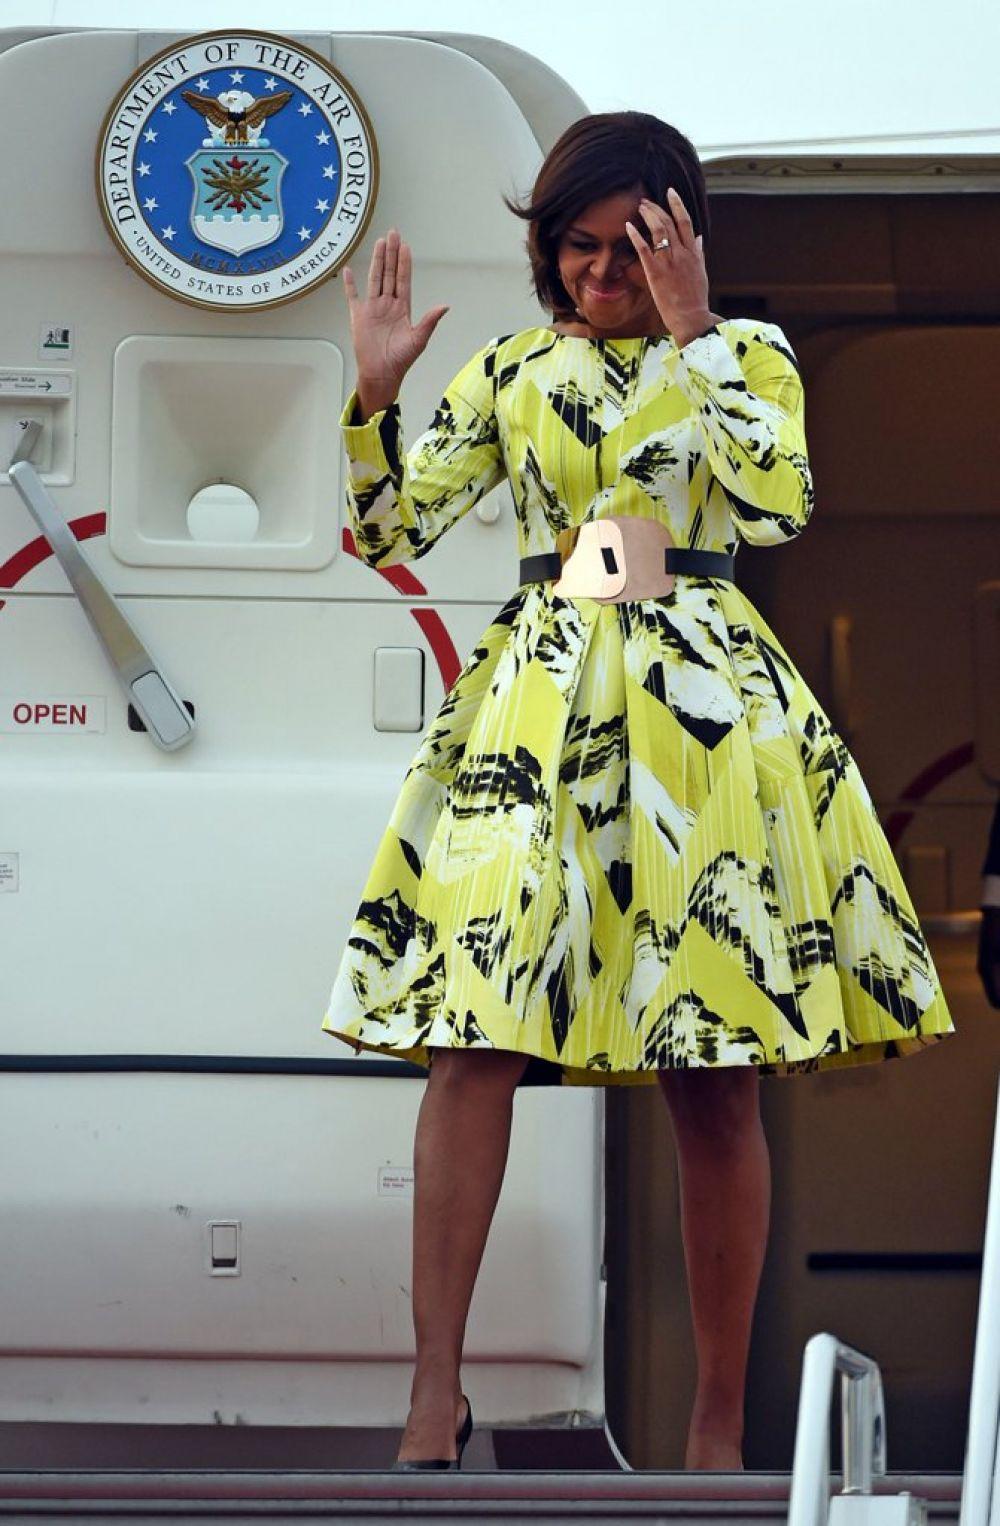 Да, может это не совсем удачная фотография, но зато удачное стильное решение в одежде Мишель